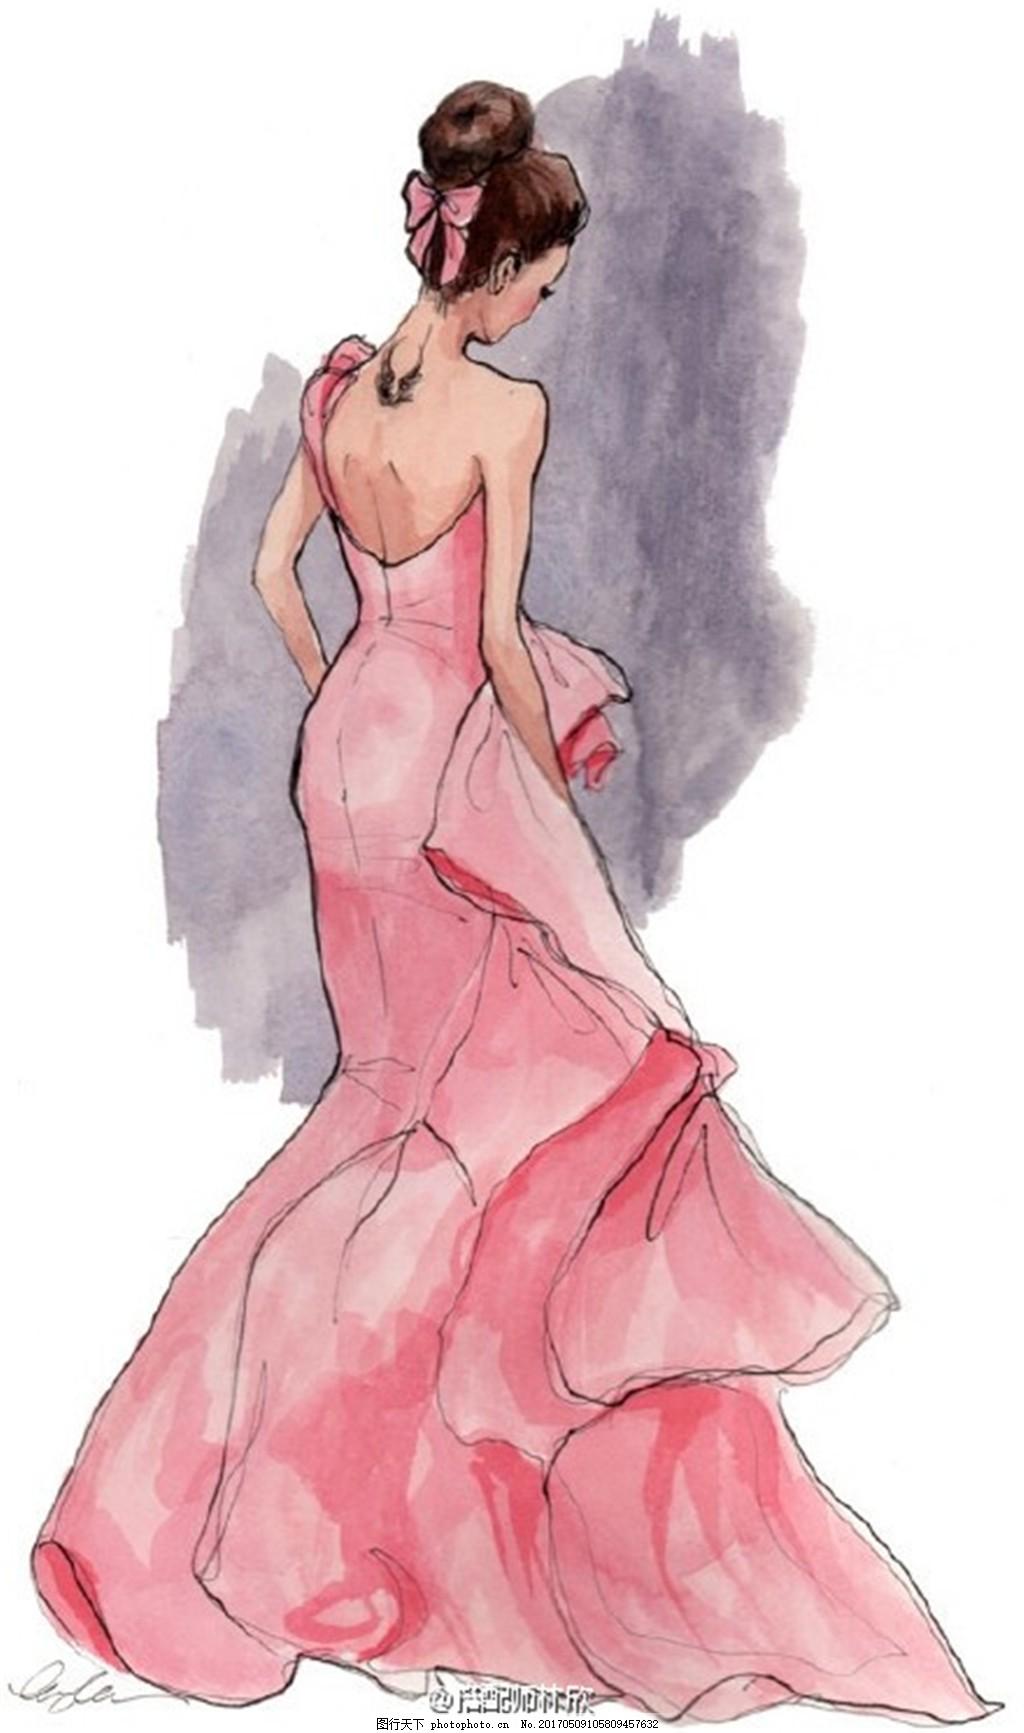 粉色露背礼服设计图 时尚女装 职业女装 女装设计效果图 短裙 服装